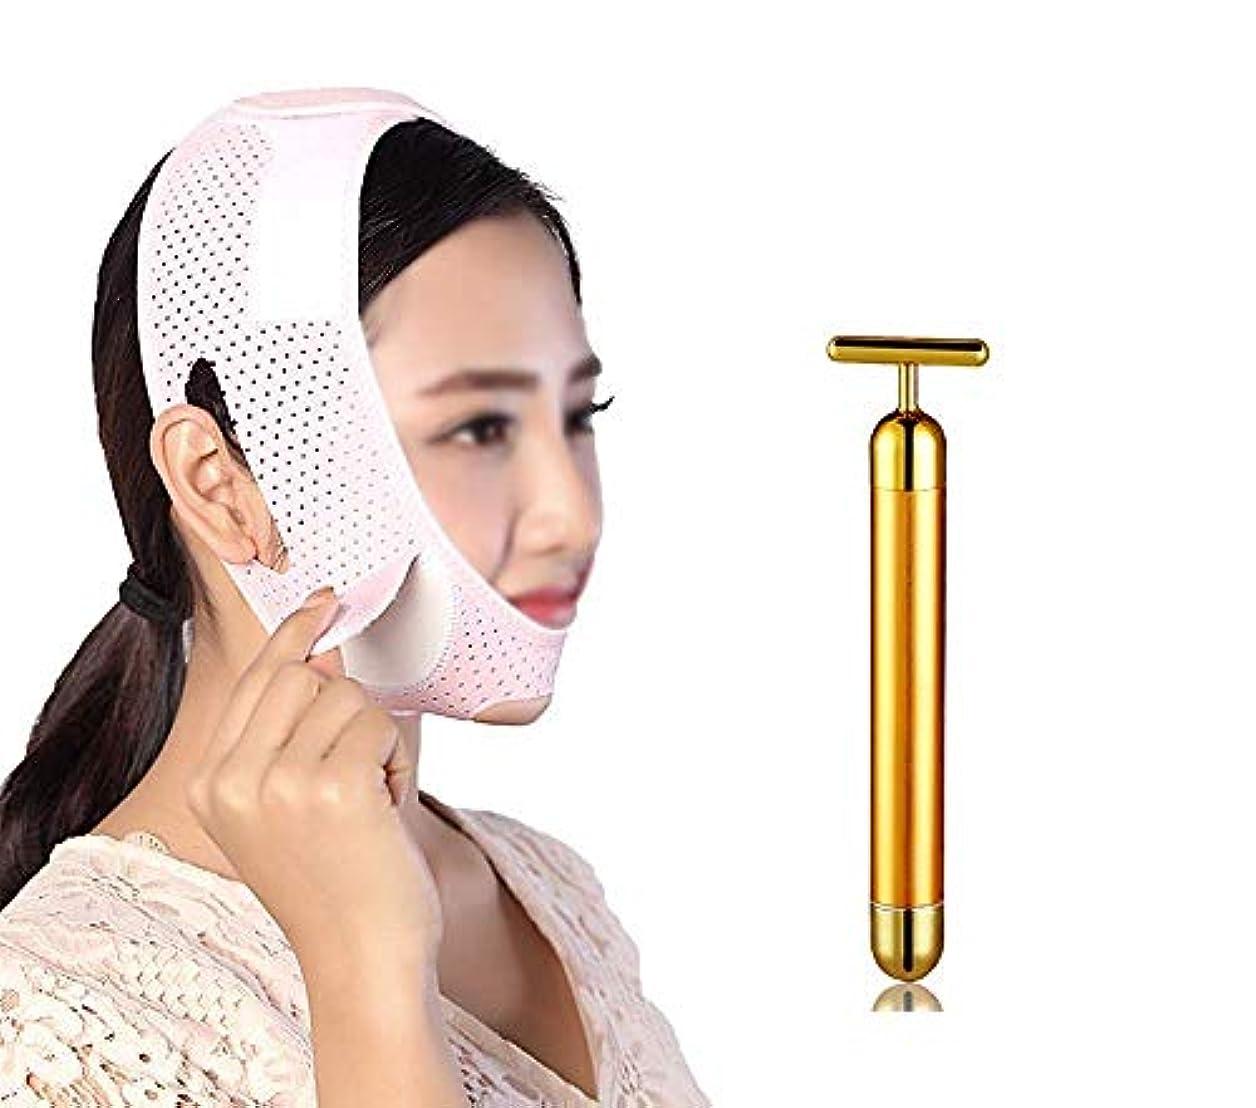 請求書タクト不安定な顔と首を持ち上げる術後弾性セットVフェイスマスクは、チンV顔アーティファクト回復サポートベルトの収縮の調整を強化します。